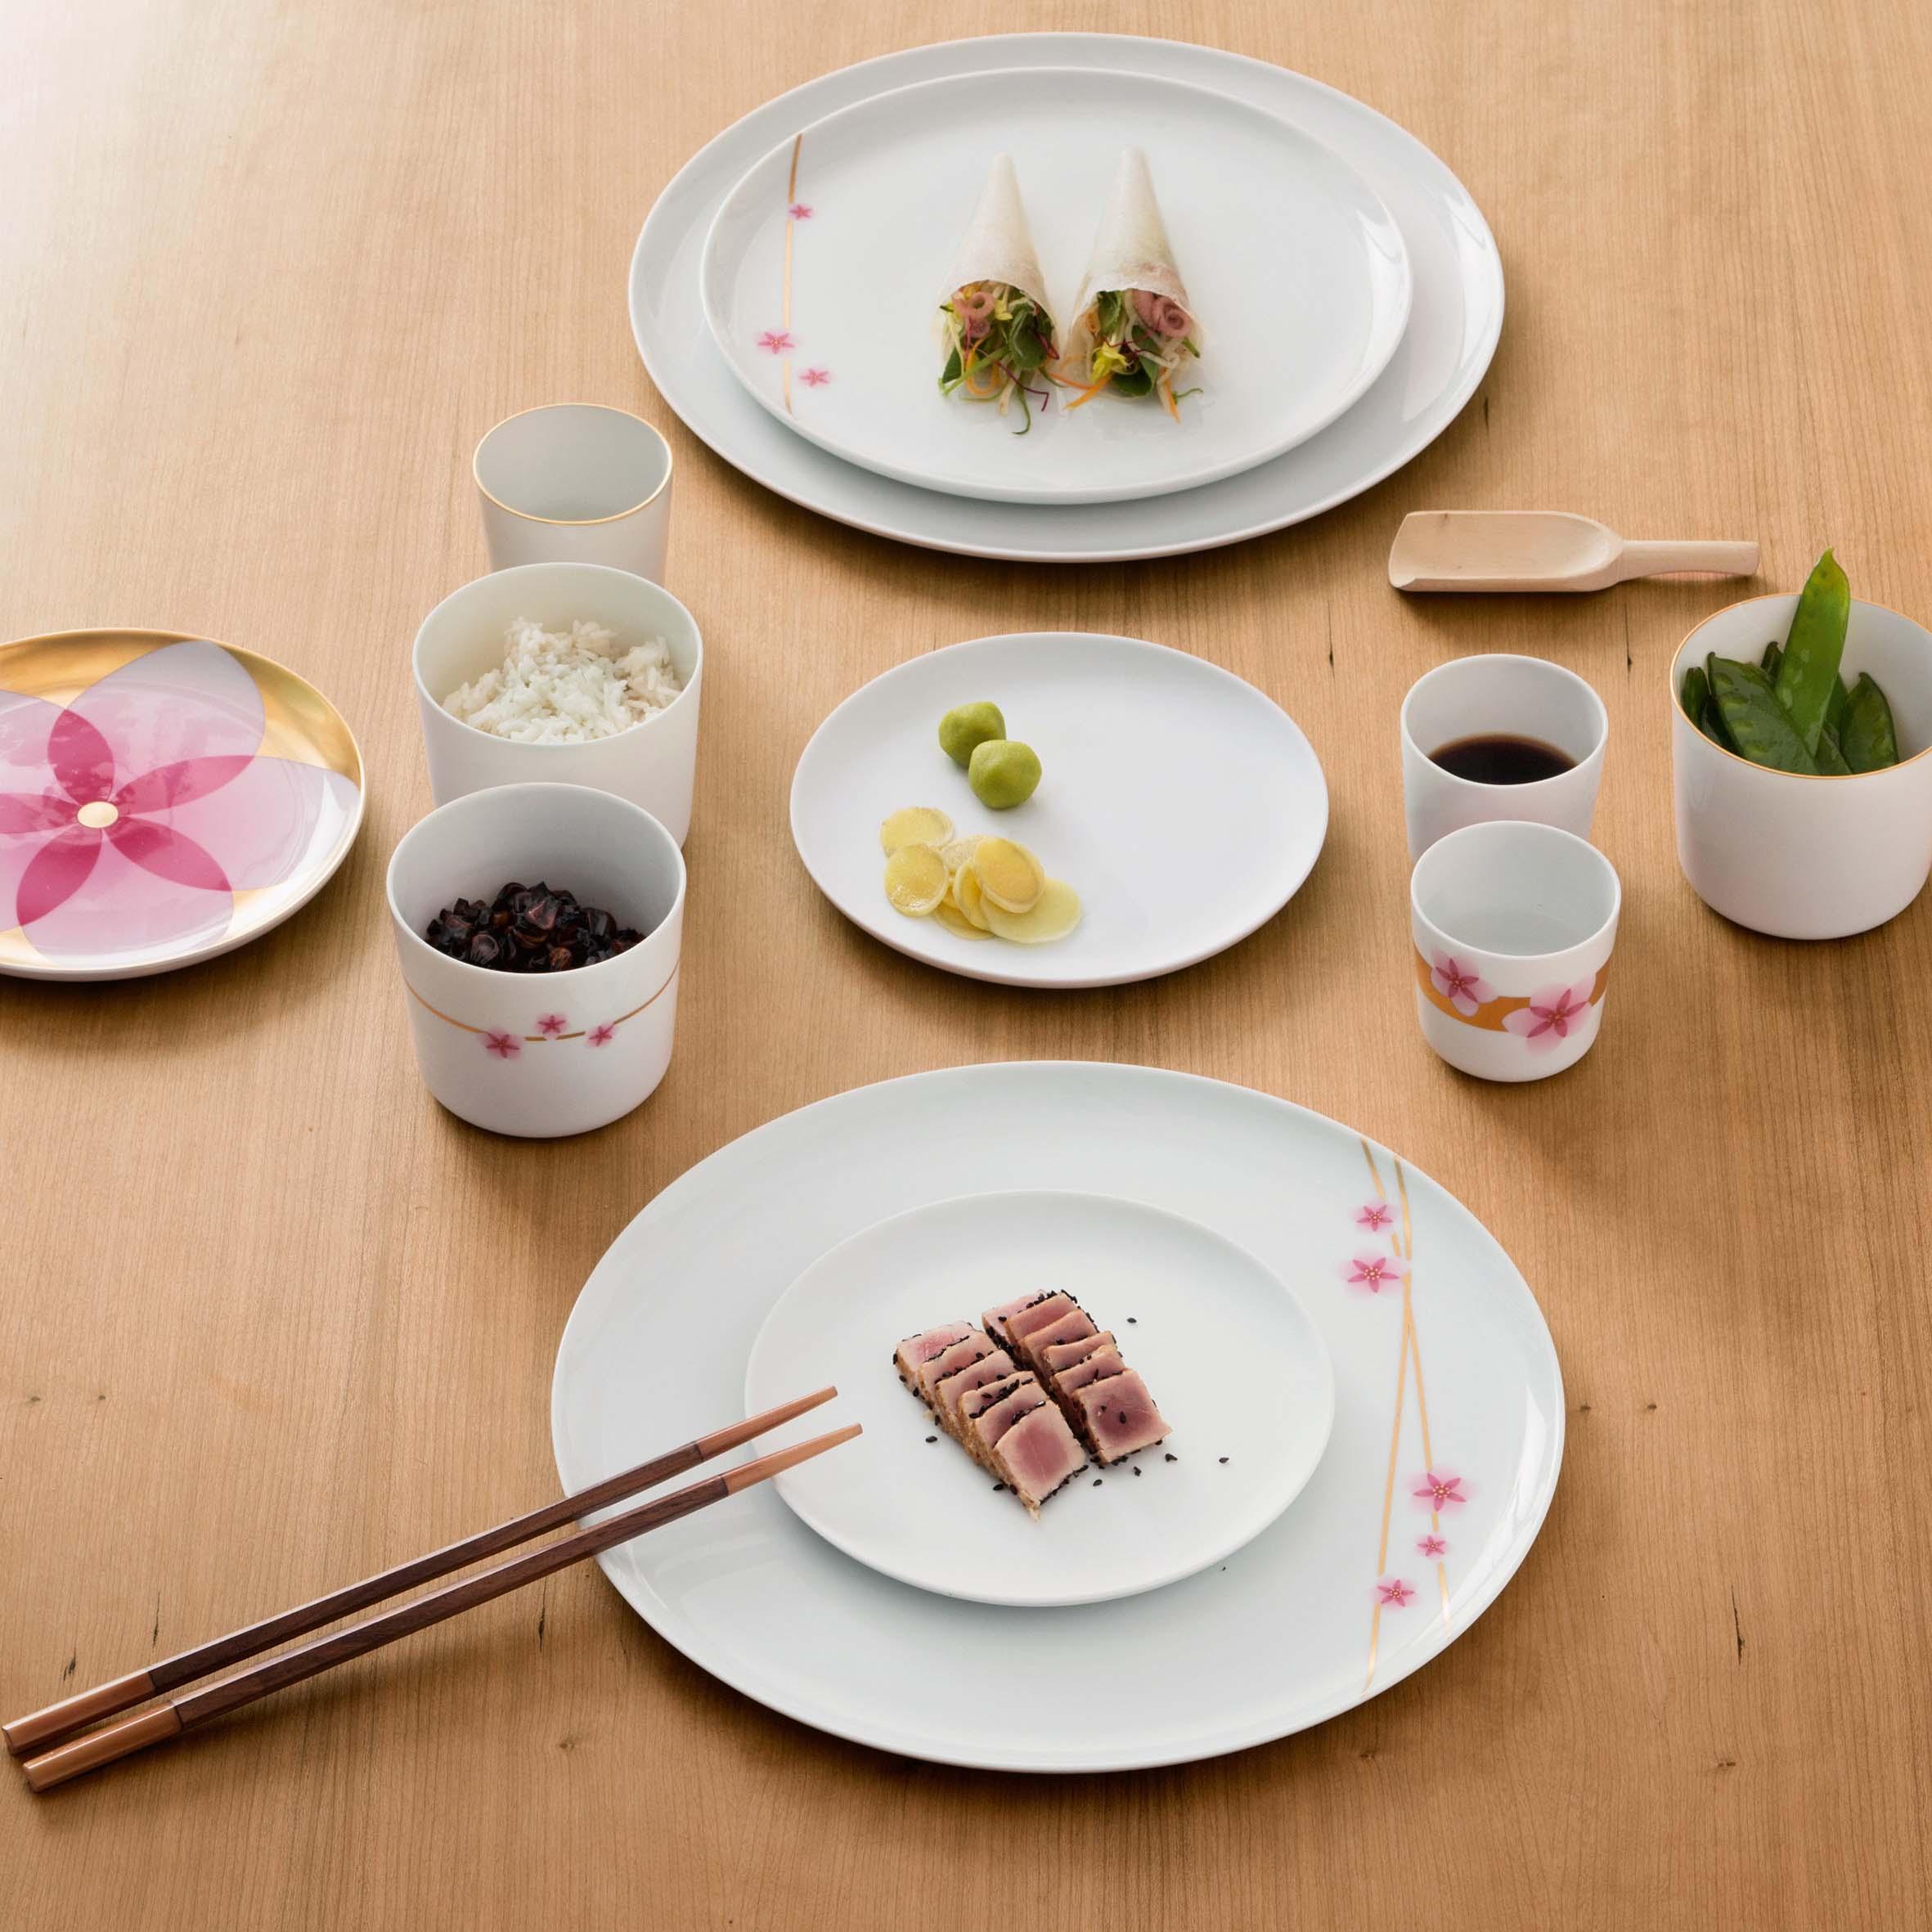 Hanami f rstenberg porzellan for Tisch japanisches design